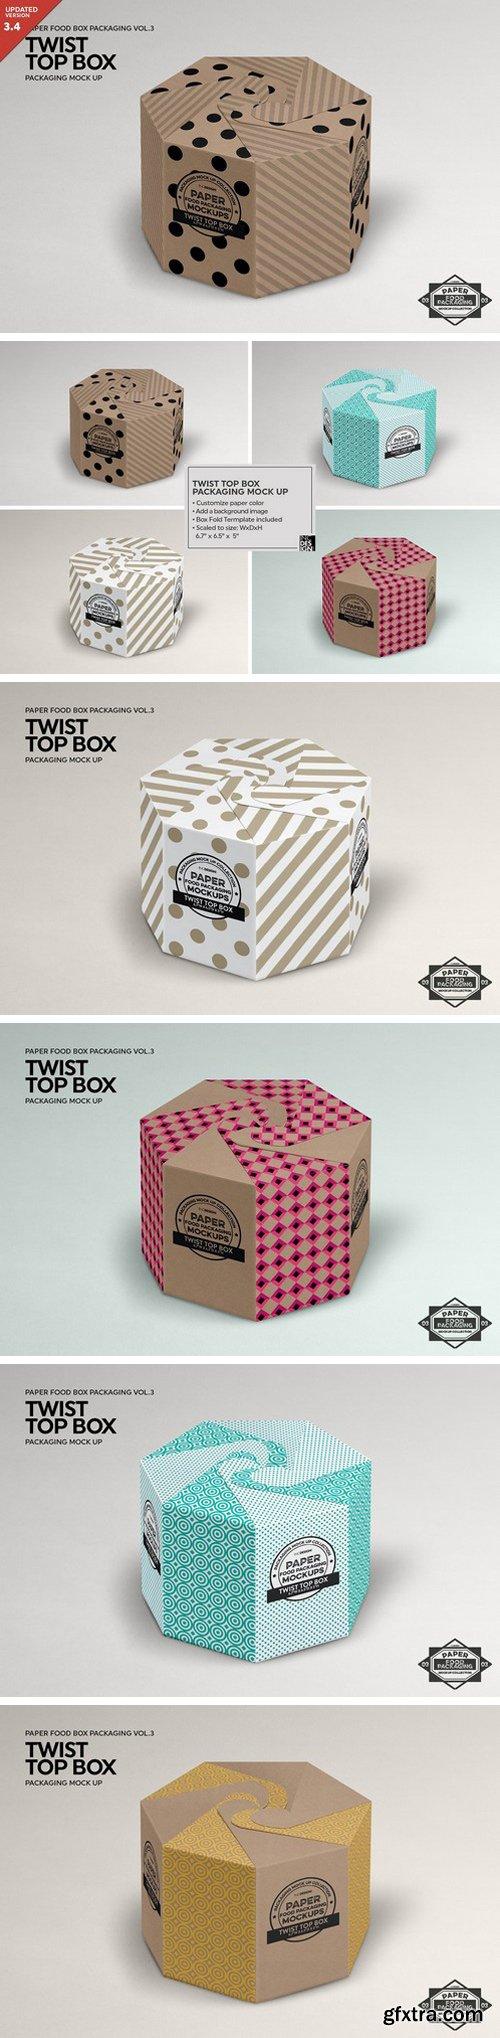 CM - Twist Top Box Packaging Mockup 1211253